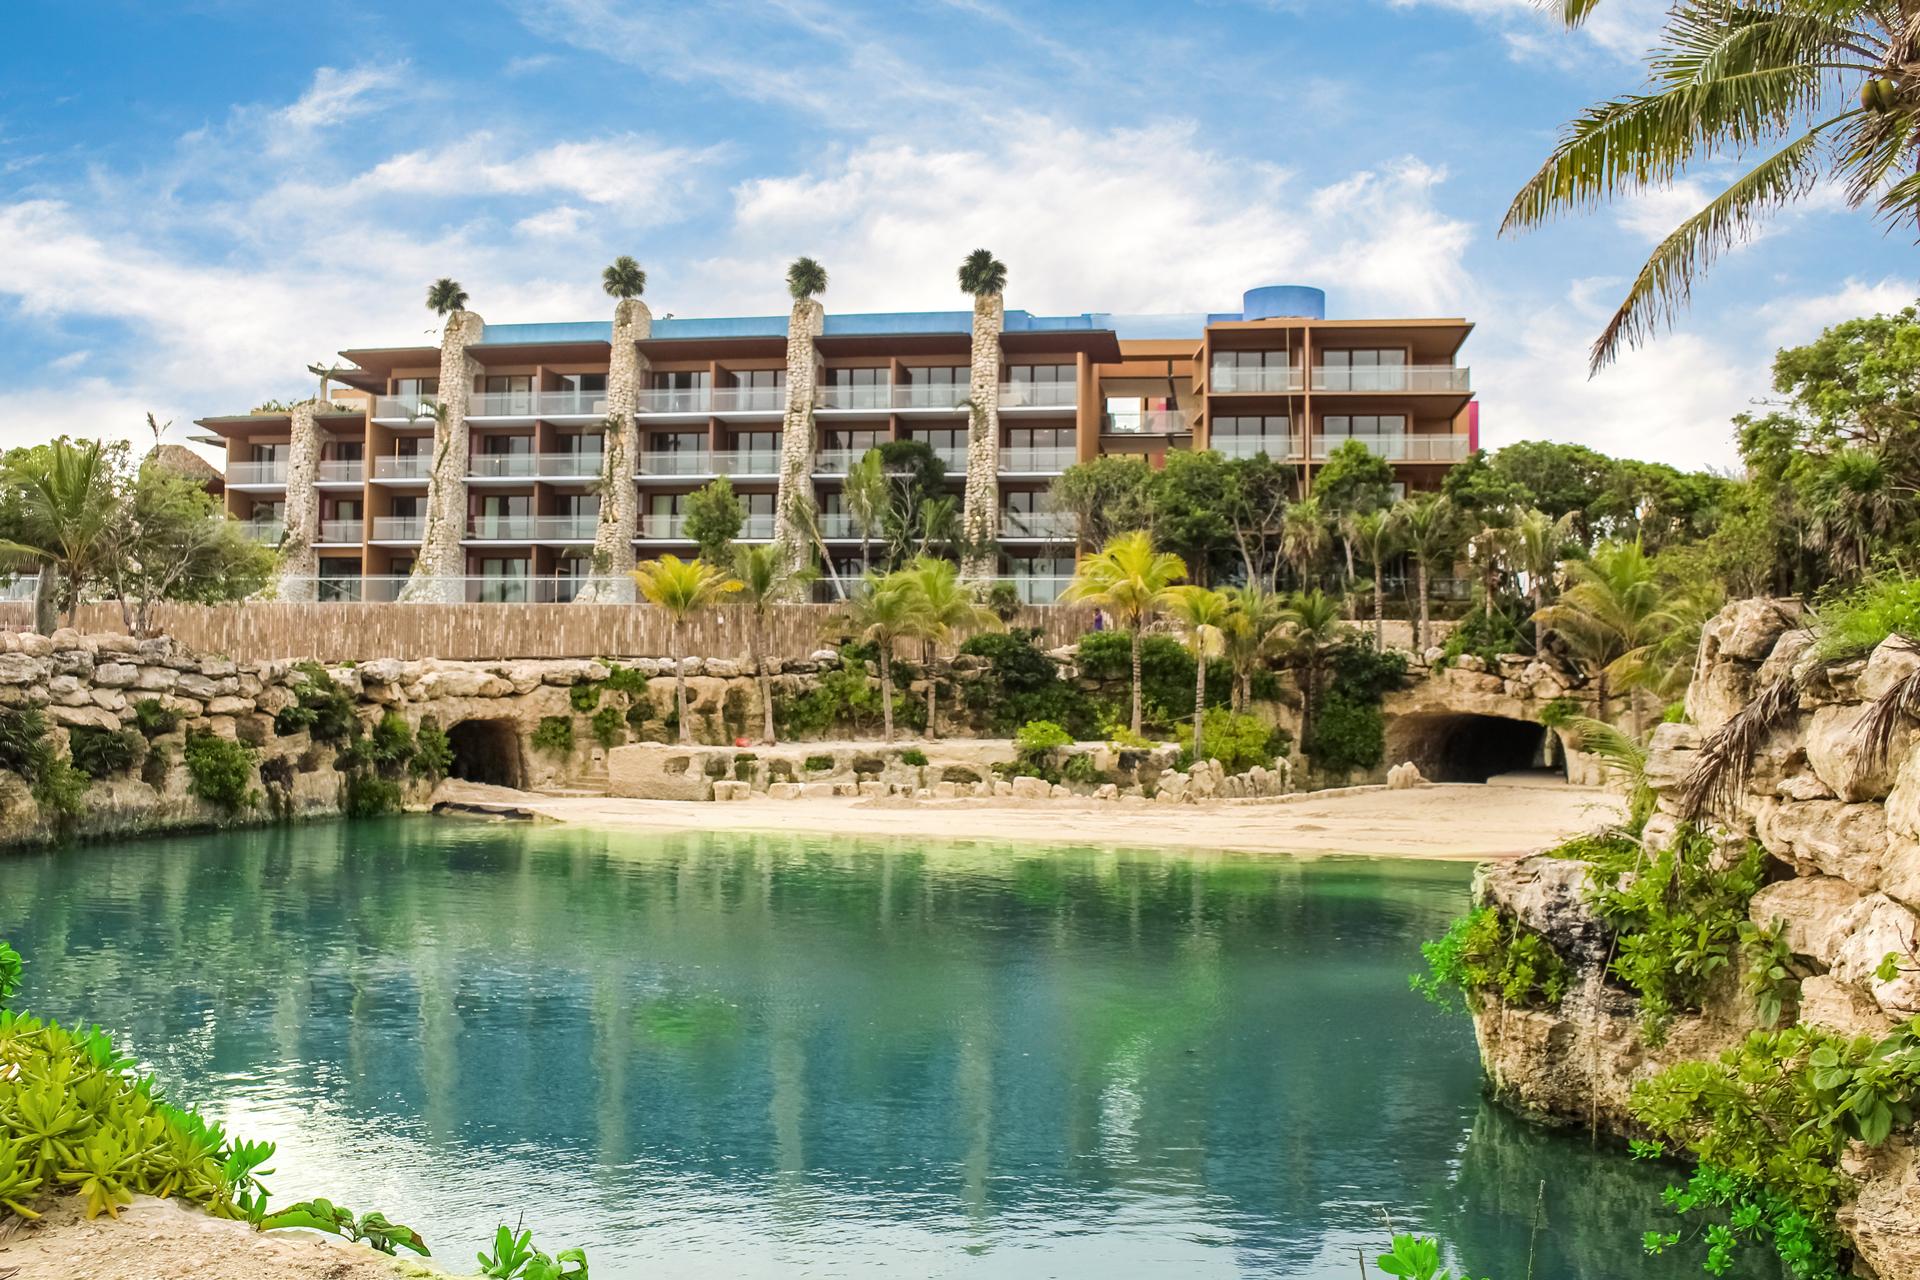 Fachada do Hotel XCaret México